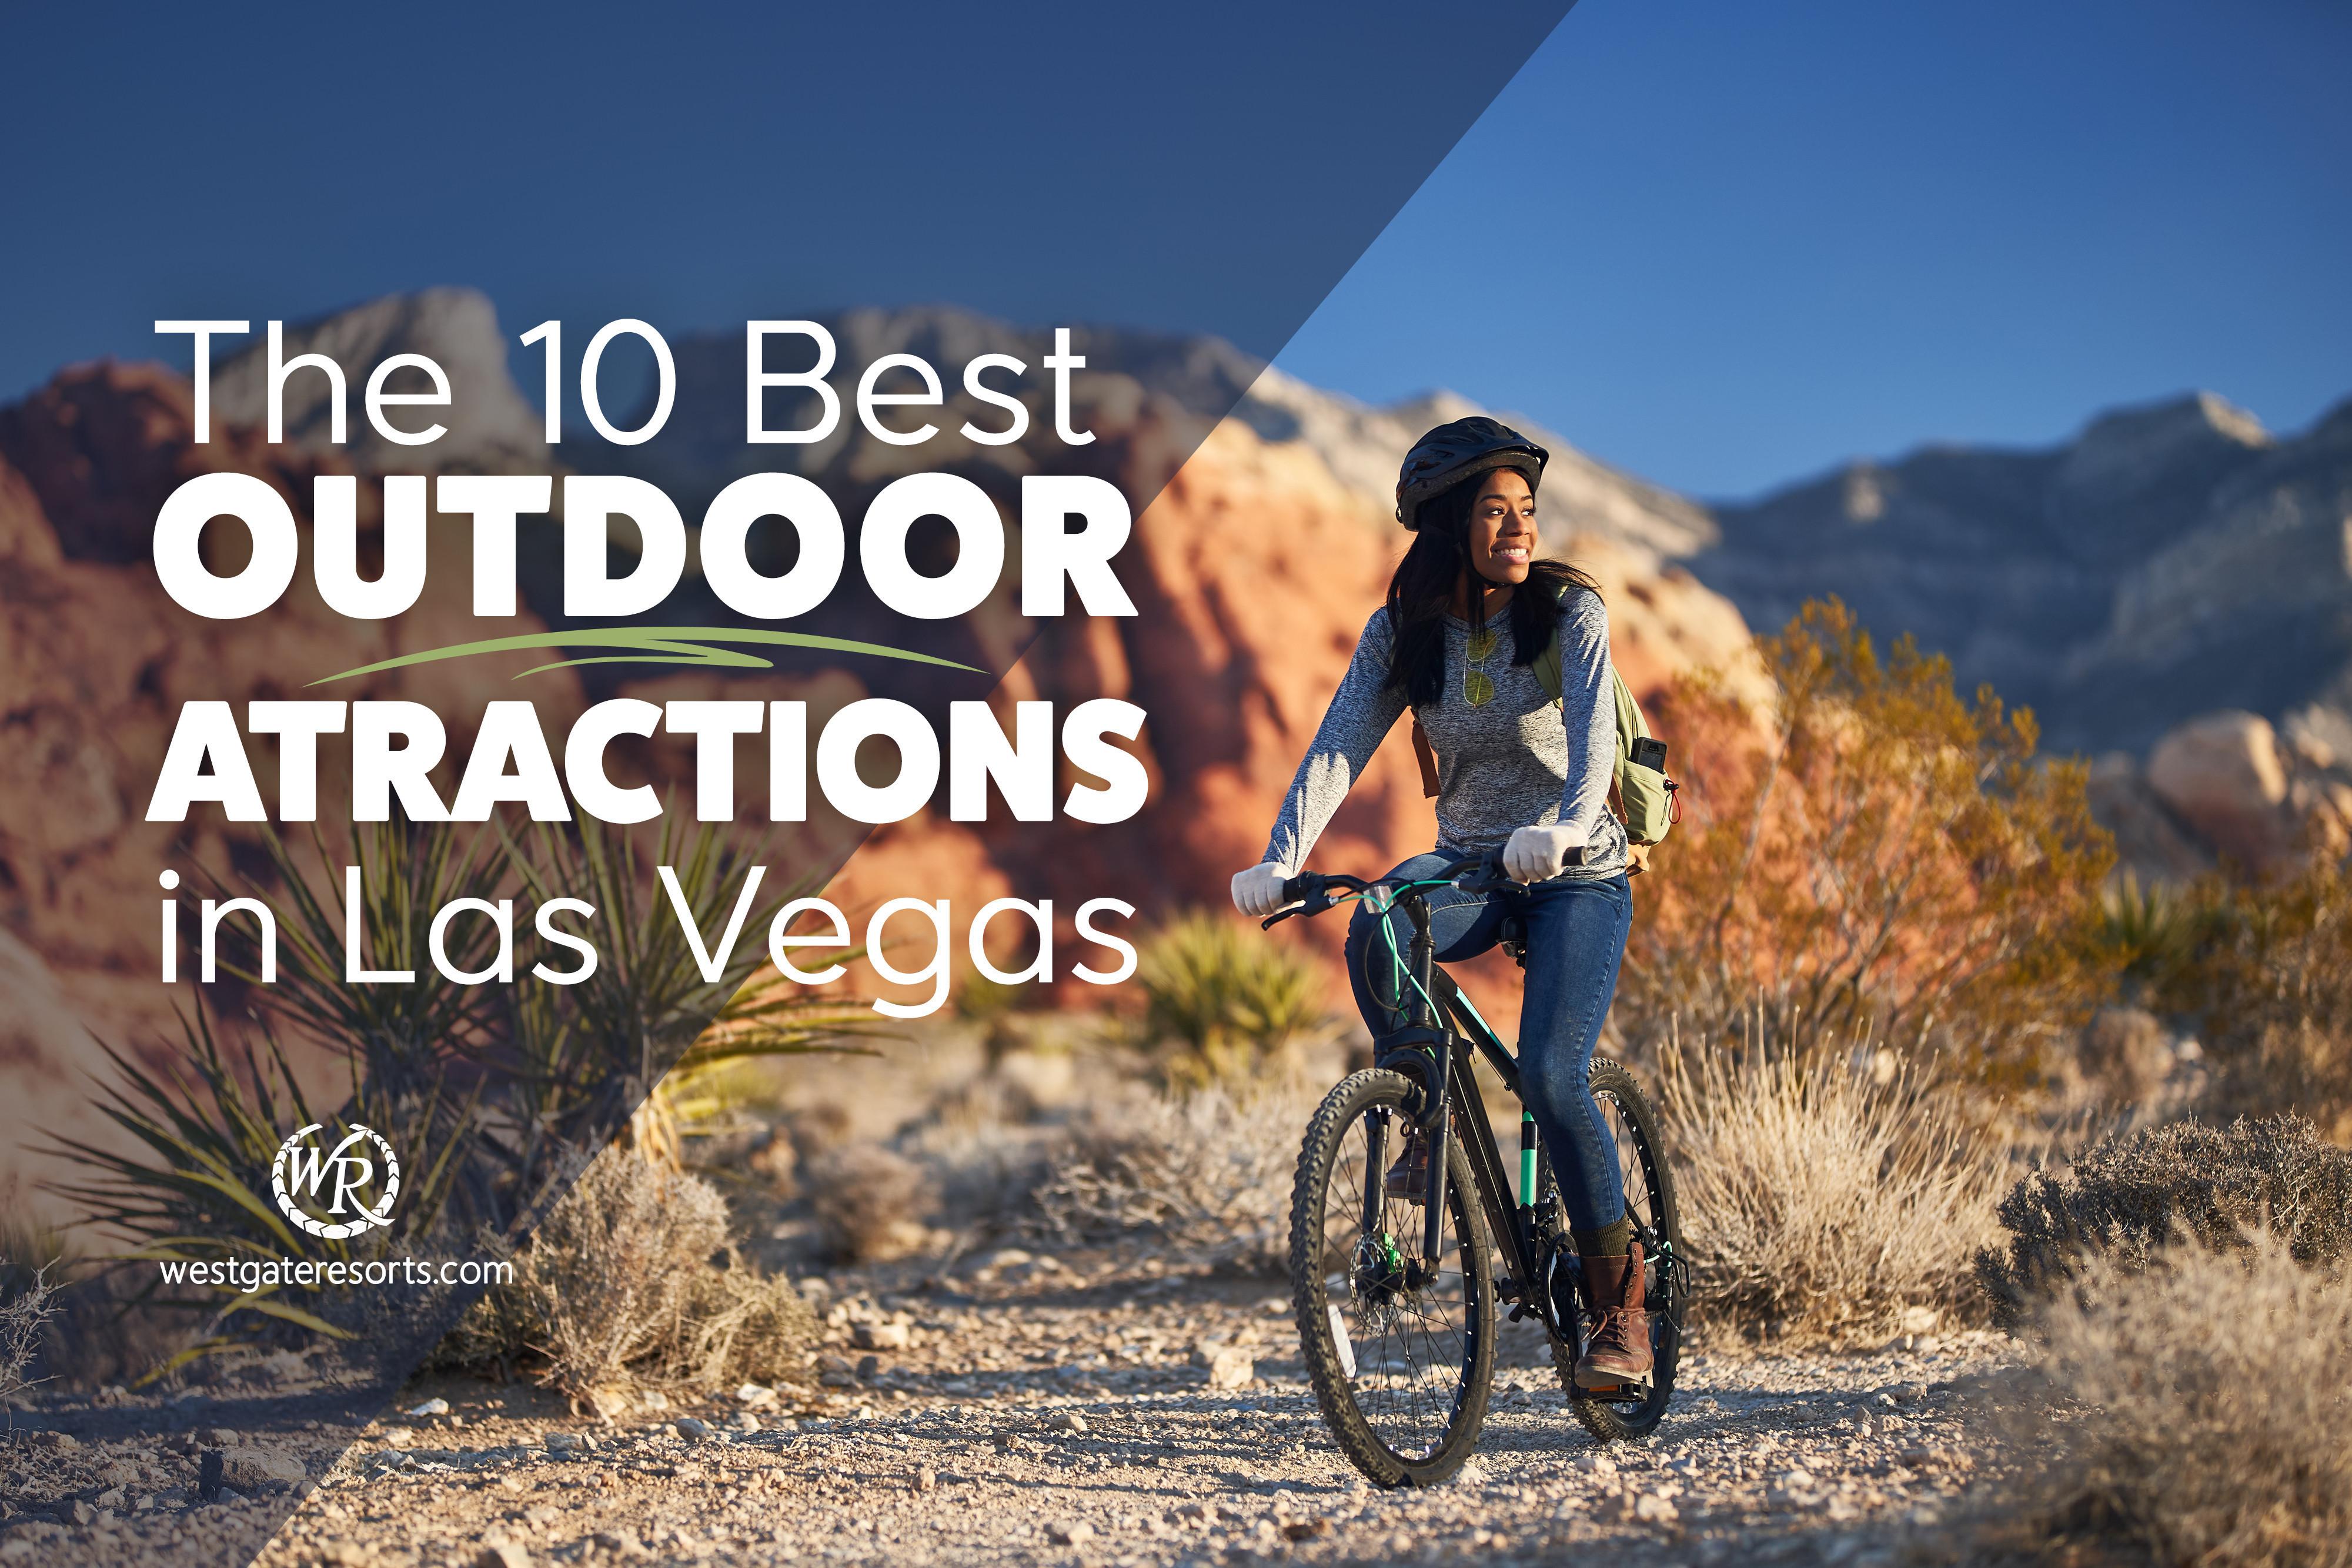 The 10 Best Outdoor Attractions in Las Vegas